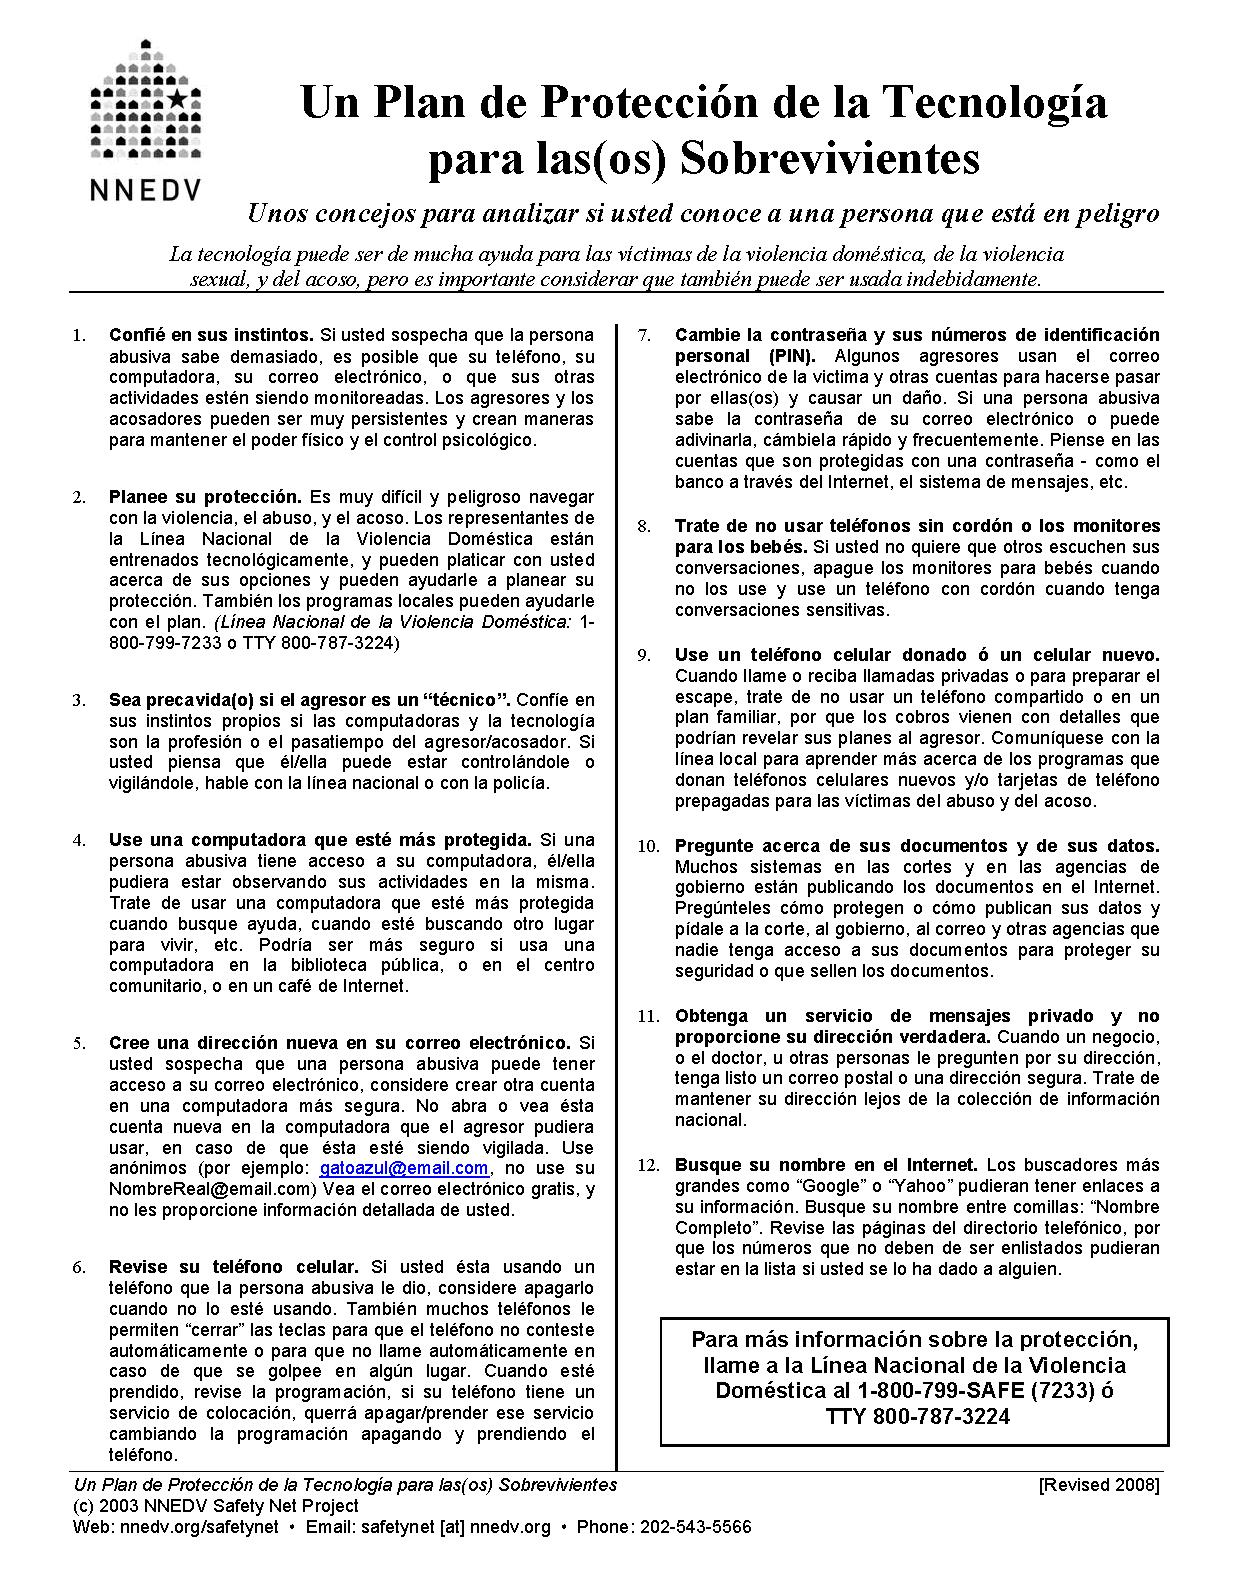 Worksheets Domestic Violence Survivors